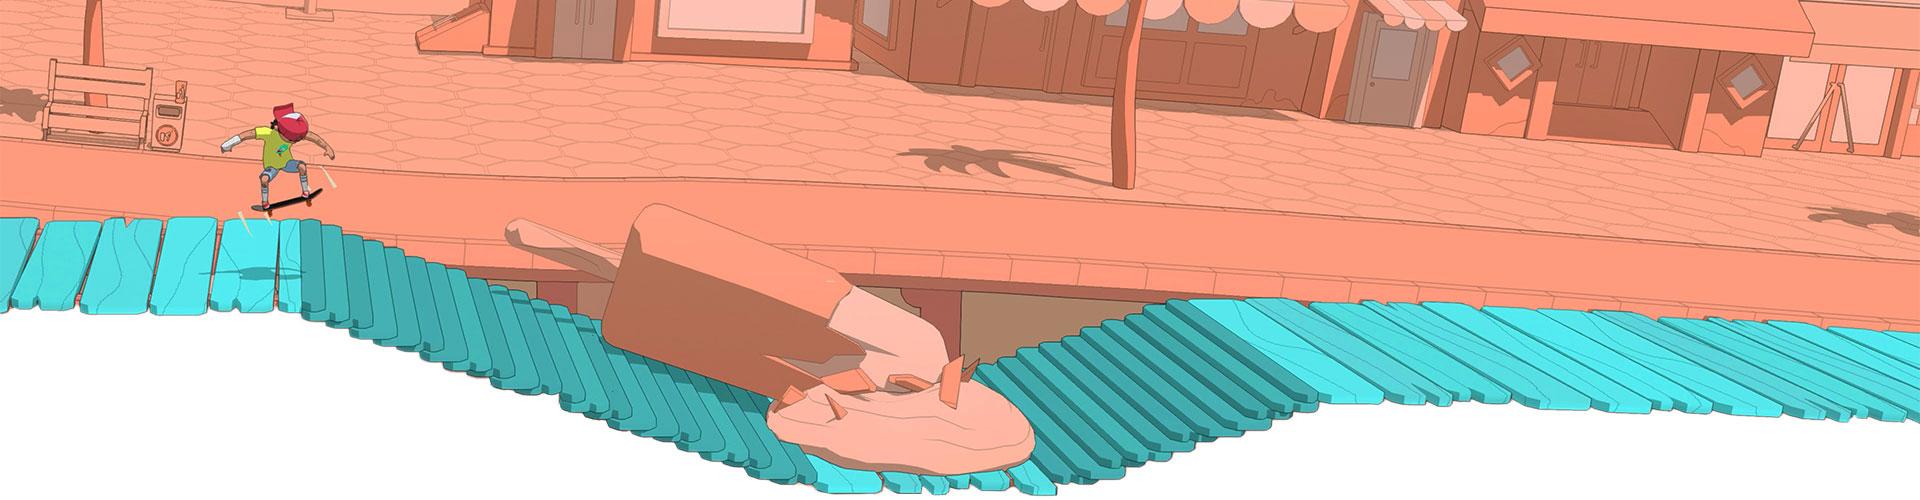 Bir kaykaycı, üzerinde devasa erimiş bir dondurmanın bulunduğu ahşap iskeledeki bir dizi merdivenin üzerinden atlıyor.